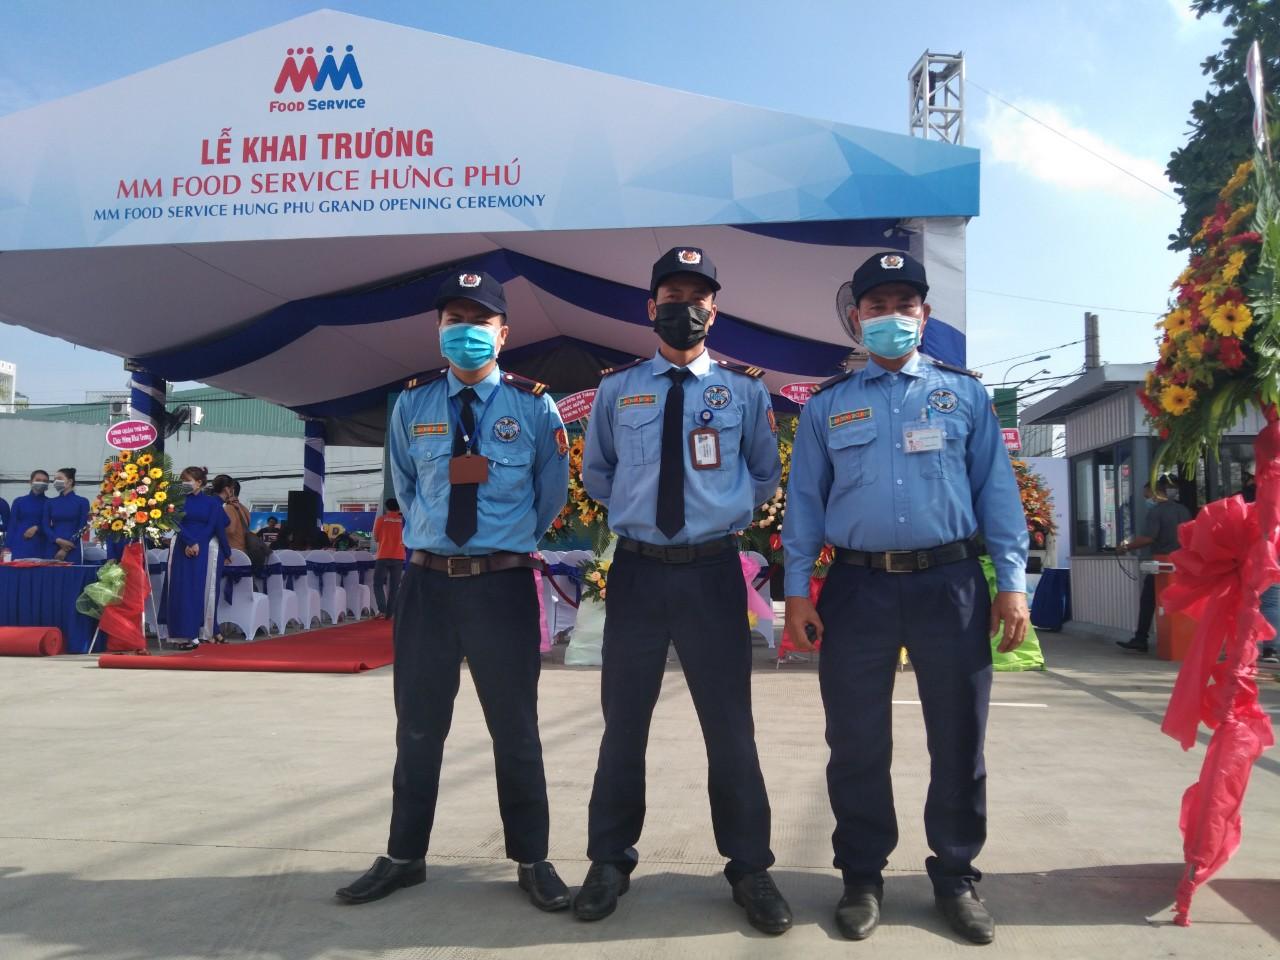 Bảo vệ cho siêu thị MM Mega Market Hưng Phú